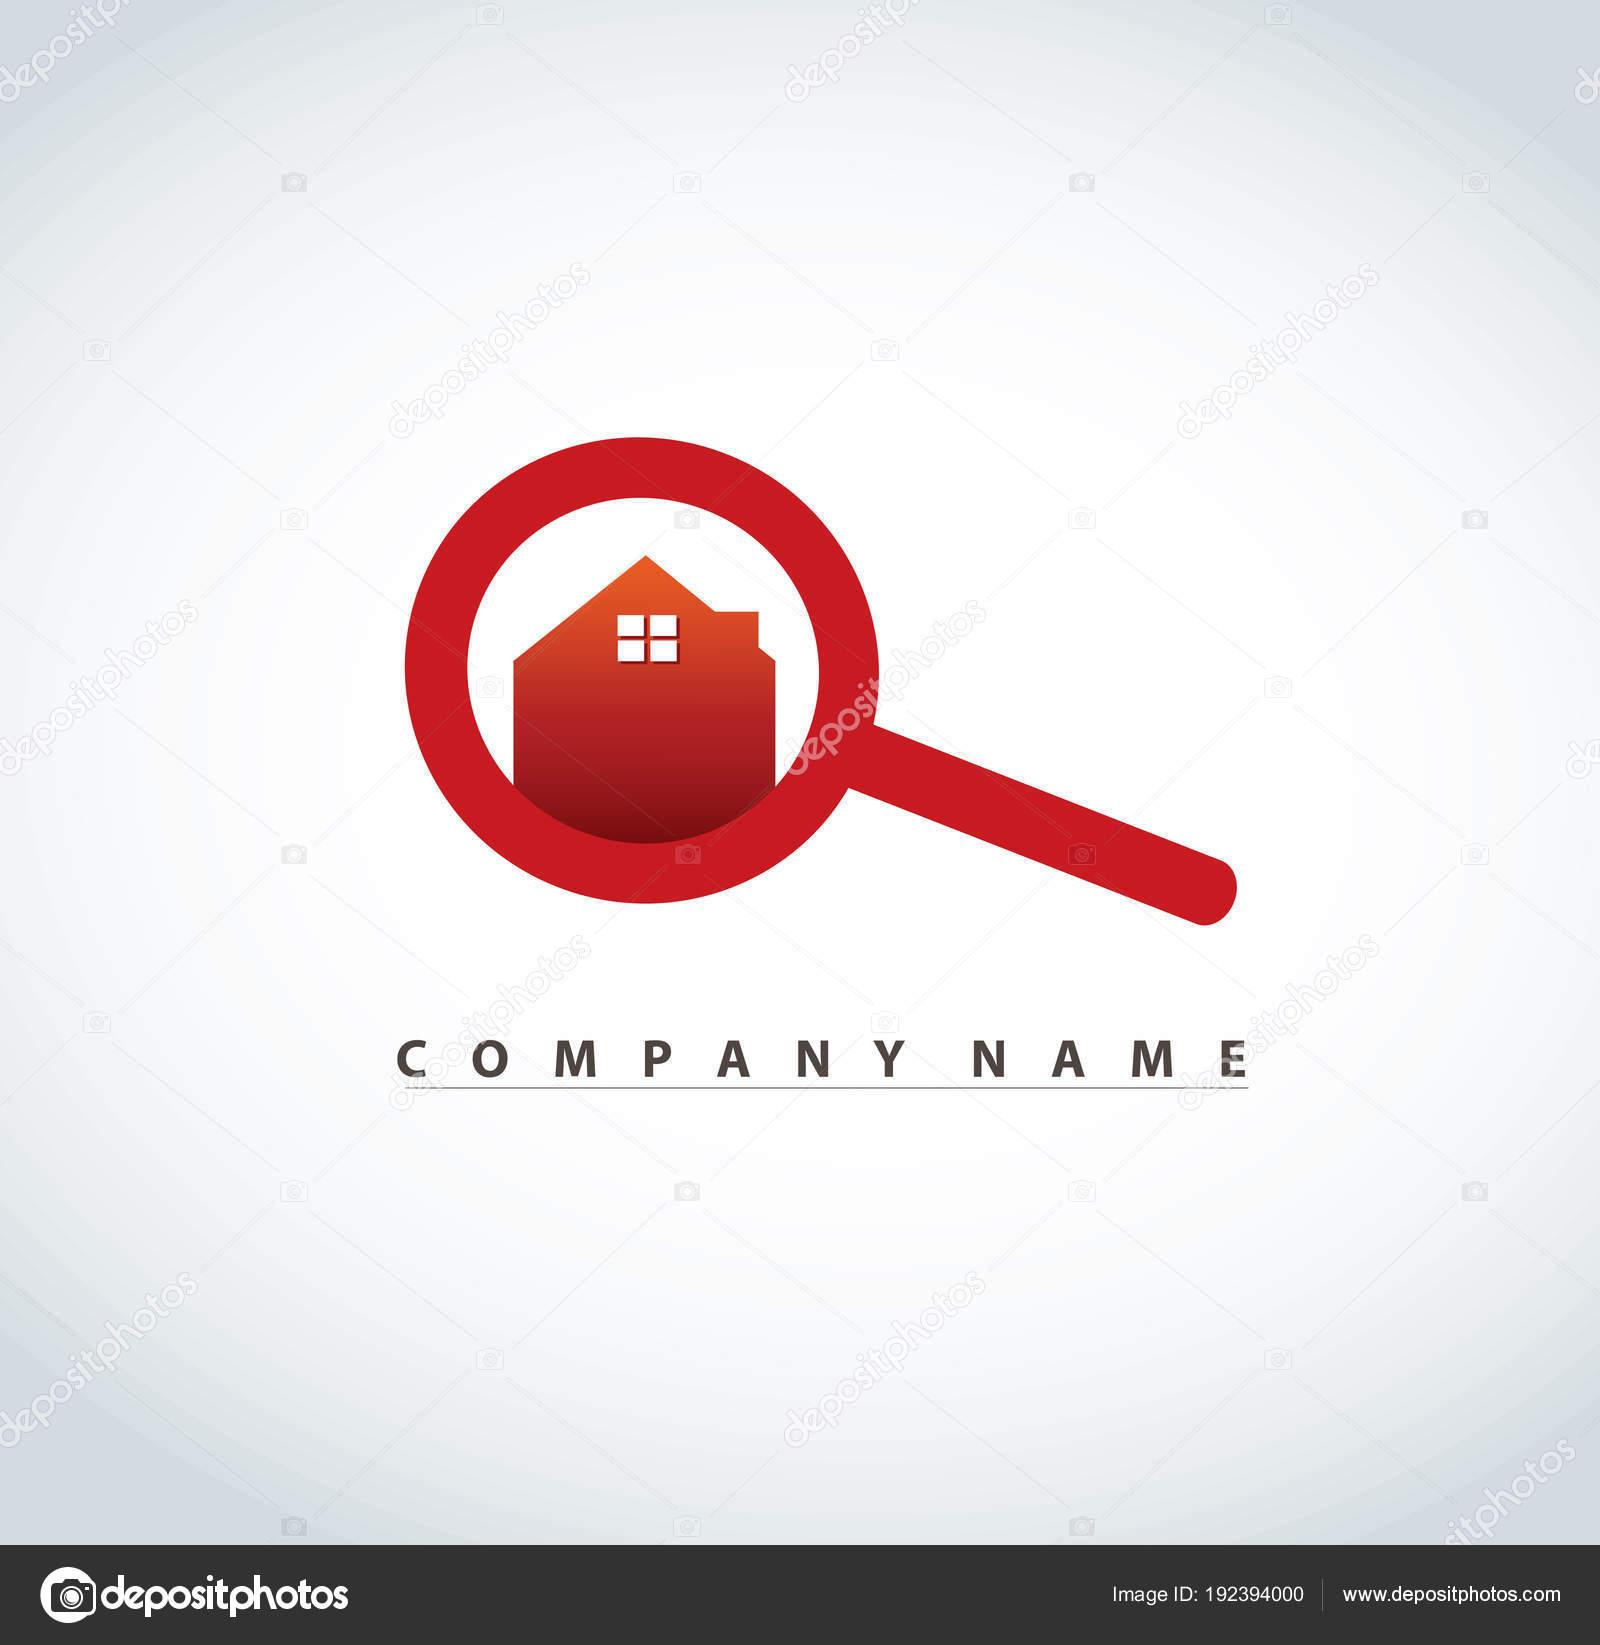 Lupe Mit Haus Logo Design Für Immobilien Eigentum Industrie Vektor ...